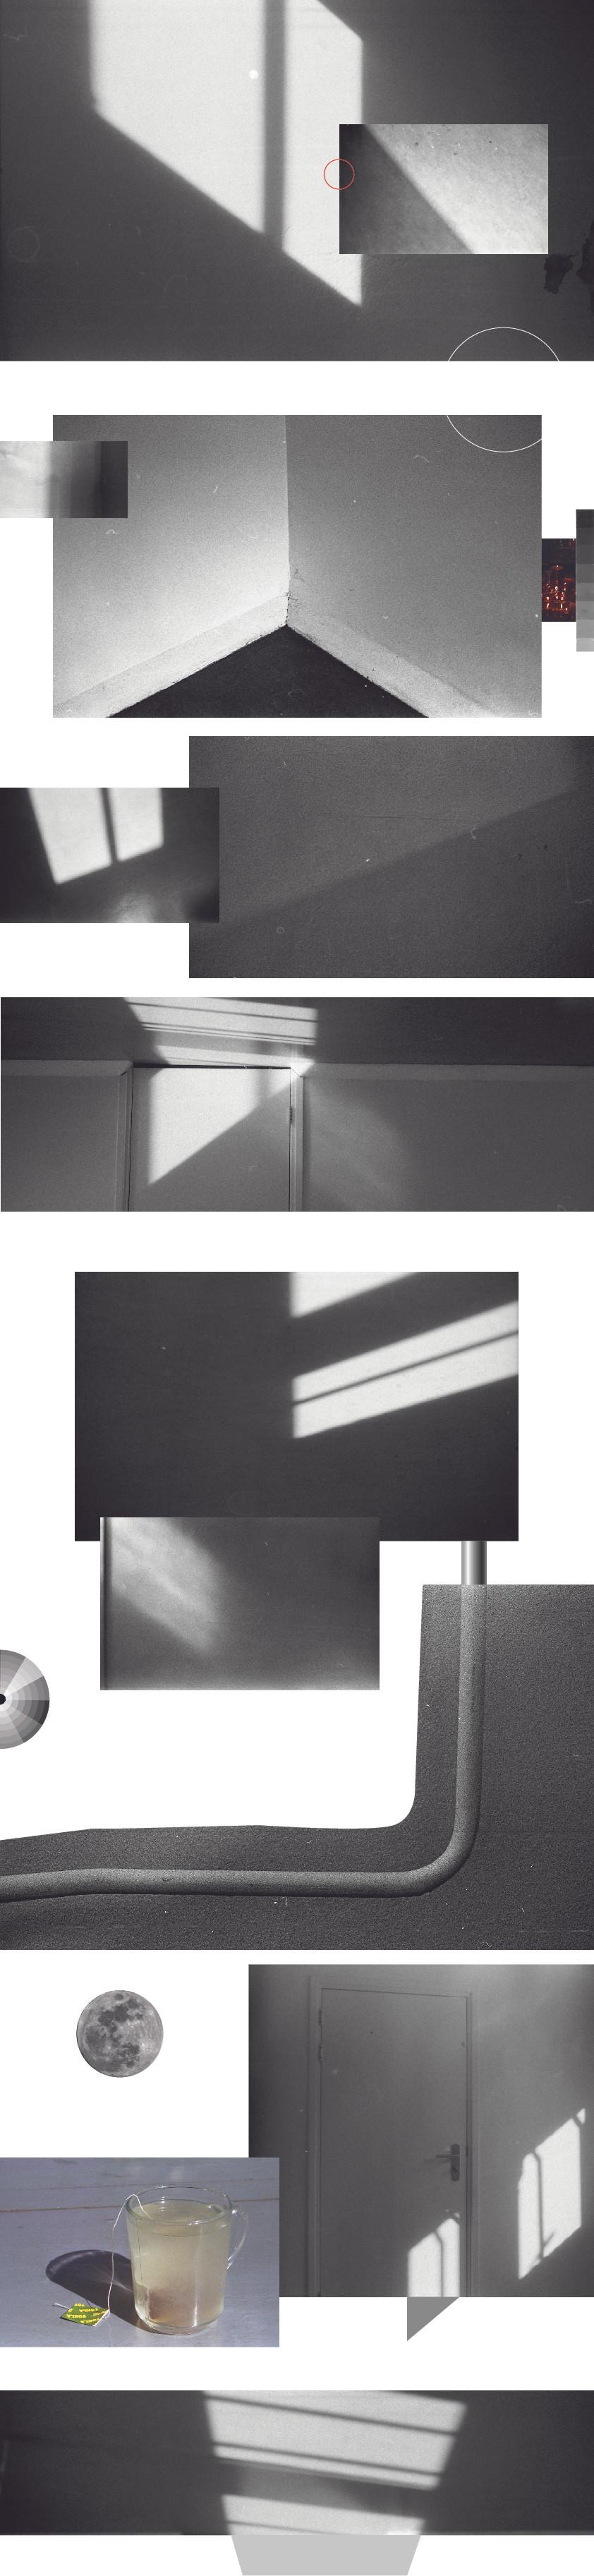 109-100.jpg